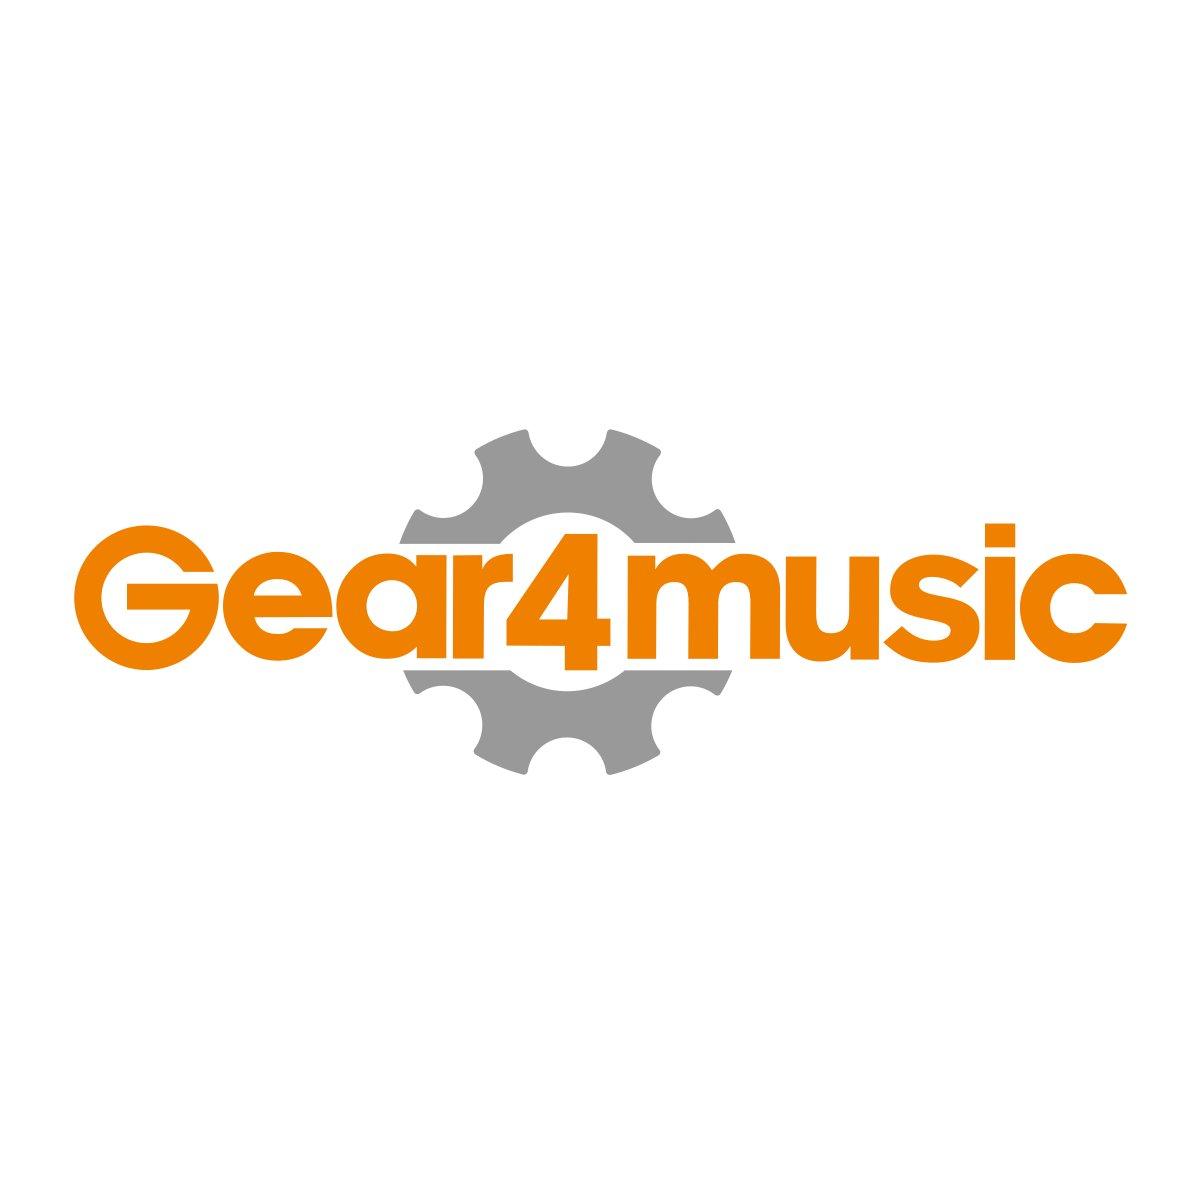 Bombardino de Estudiante de 3 Válvulas de Gear4music